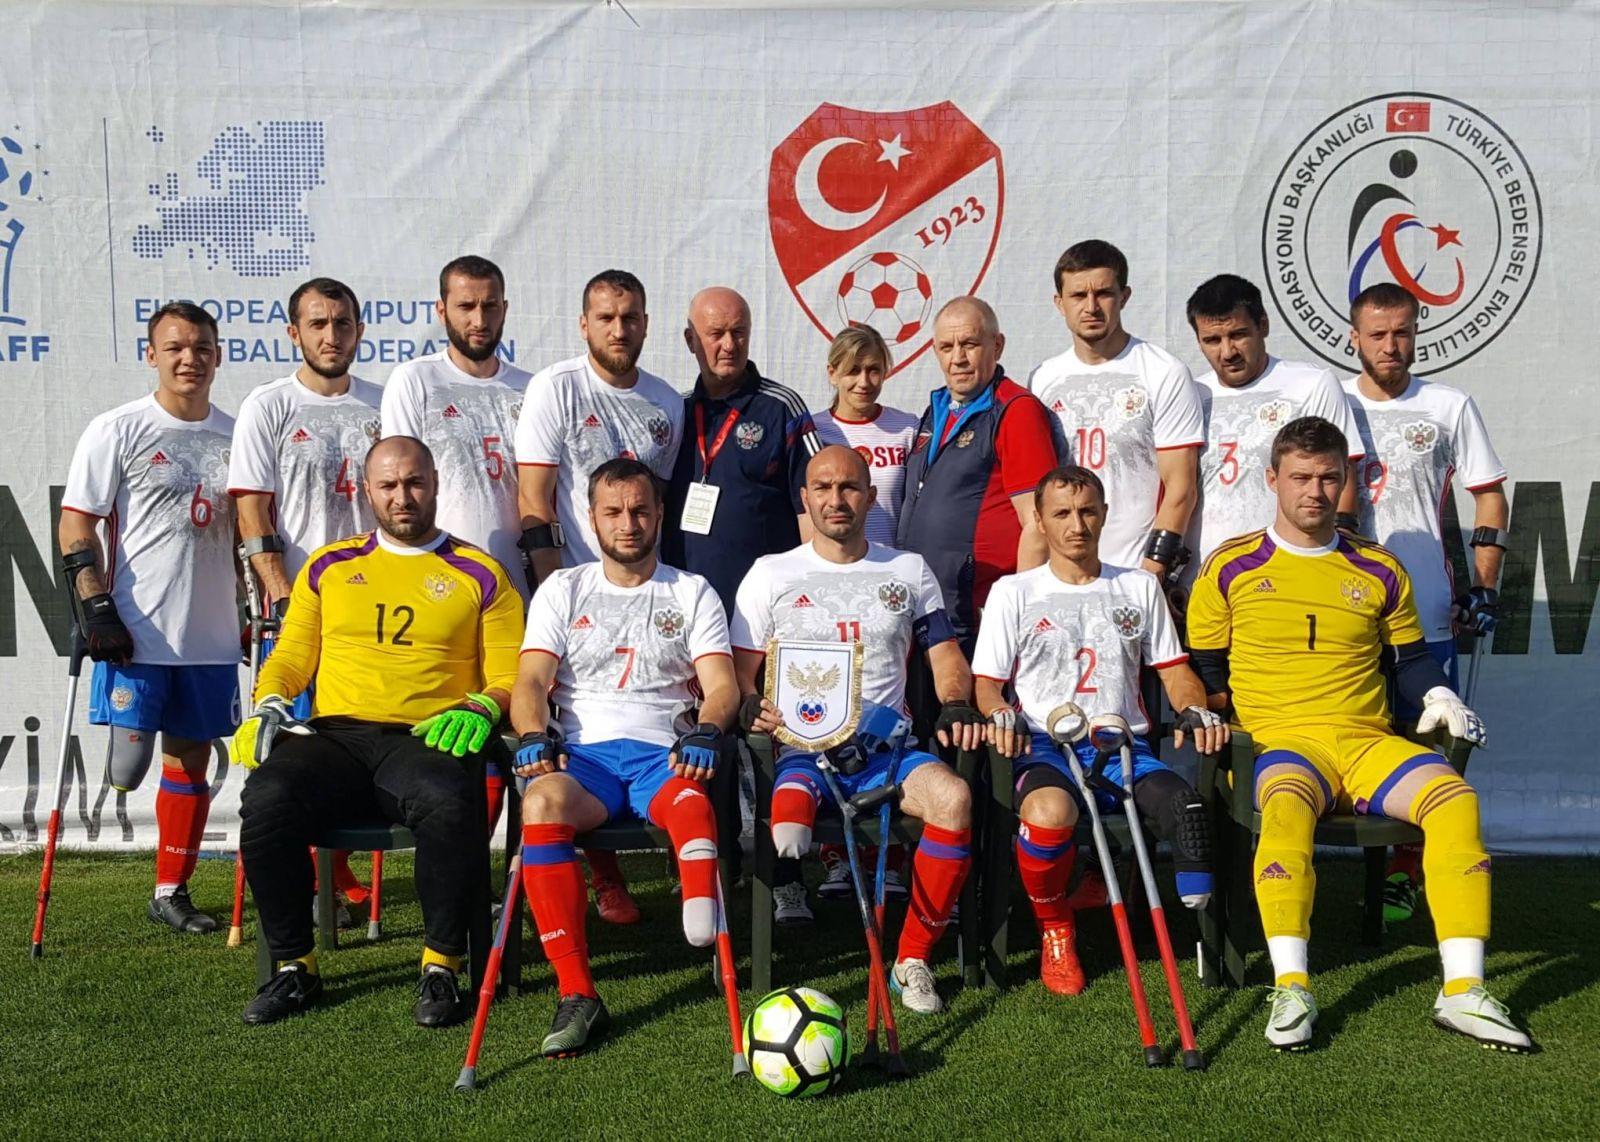 Сборная команда России по футболу ампутантов пробилась в четвертьфинал чемпионата Европы в Турции